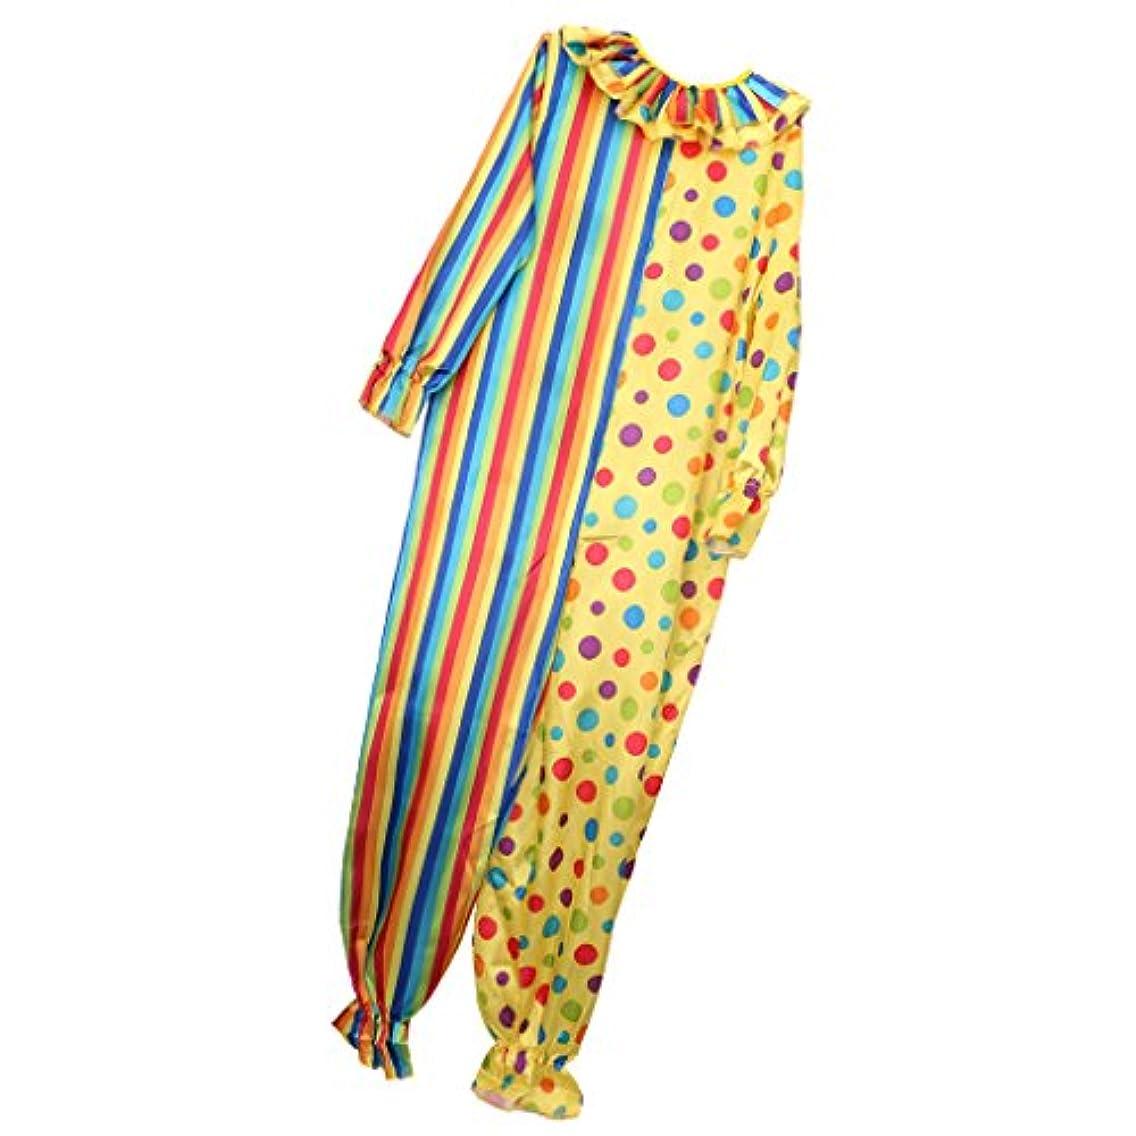 臨検効能悪性腫瘍大人 ピエロ 衣装 ストライプ 斑点付け 服 コスプレ パーティー ファンシー ドレス